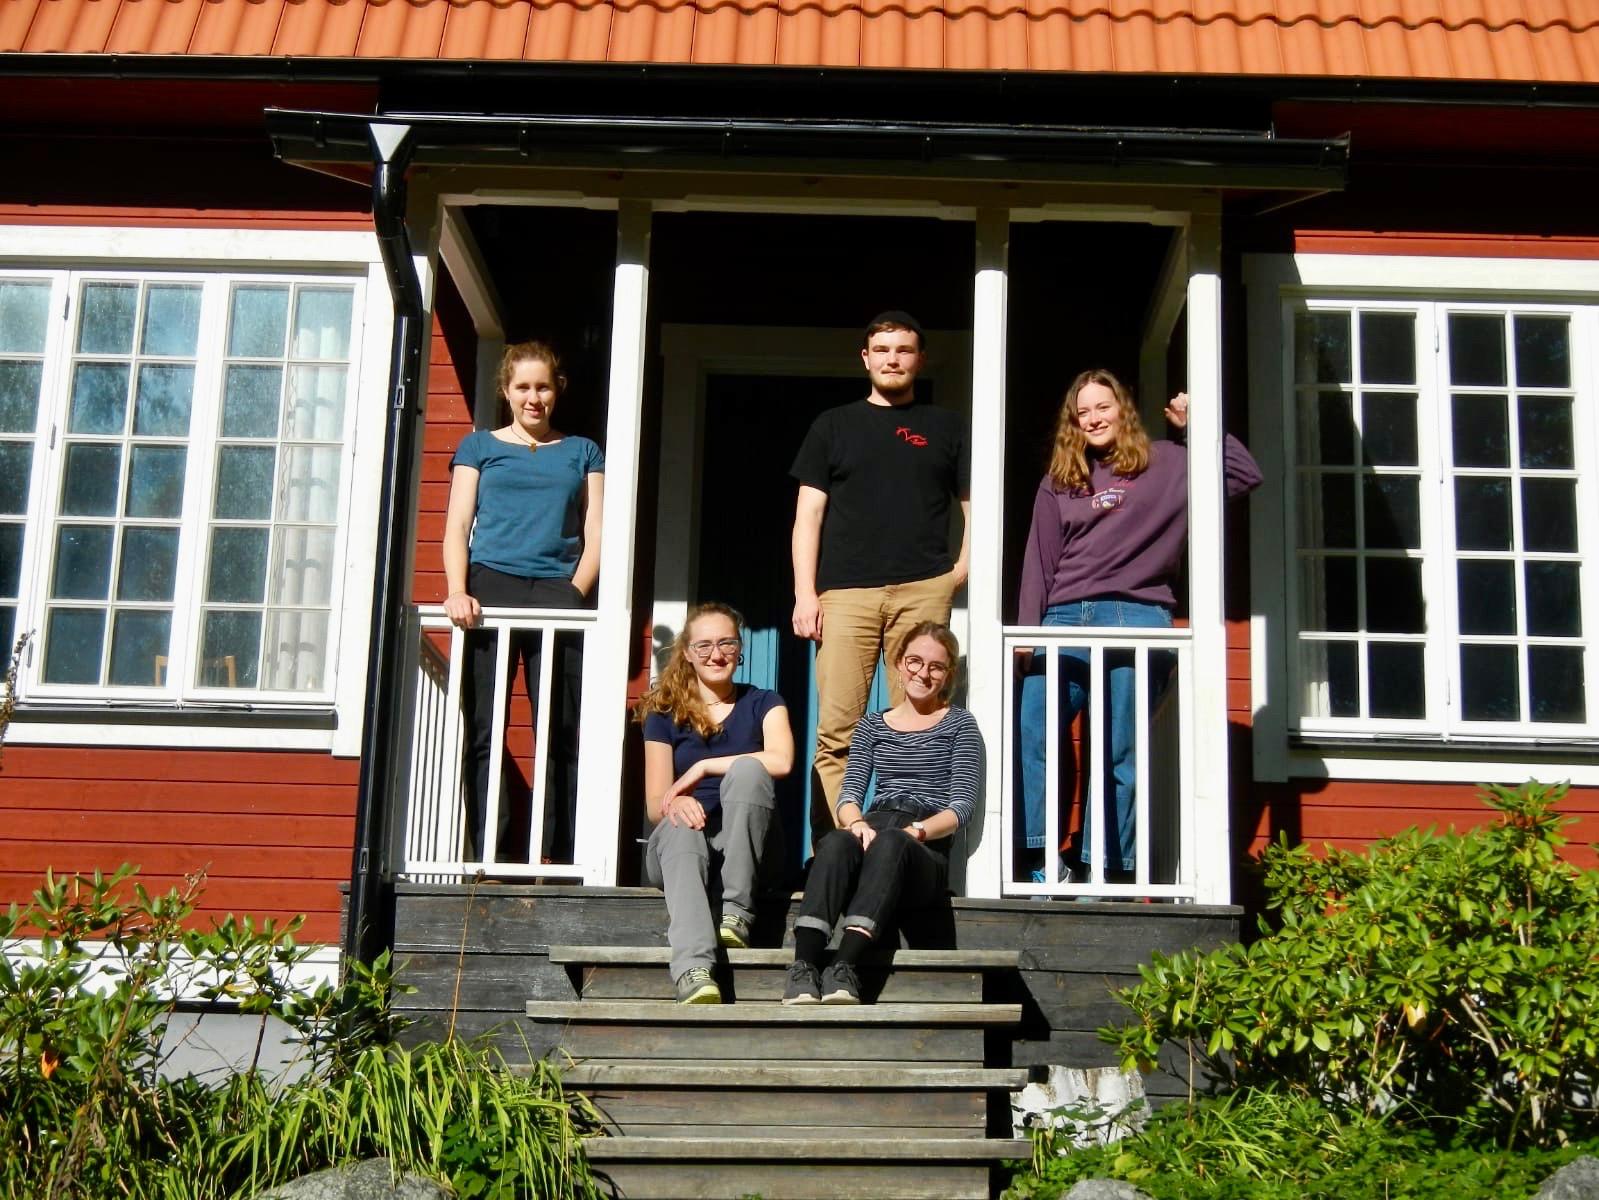 v.l.: Ricarda, Sonja, Clarita, Konrad, Klara